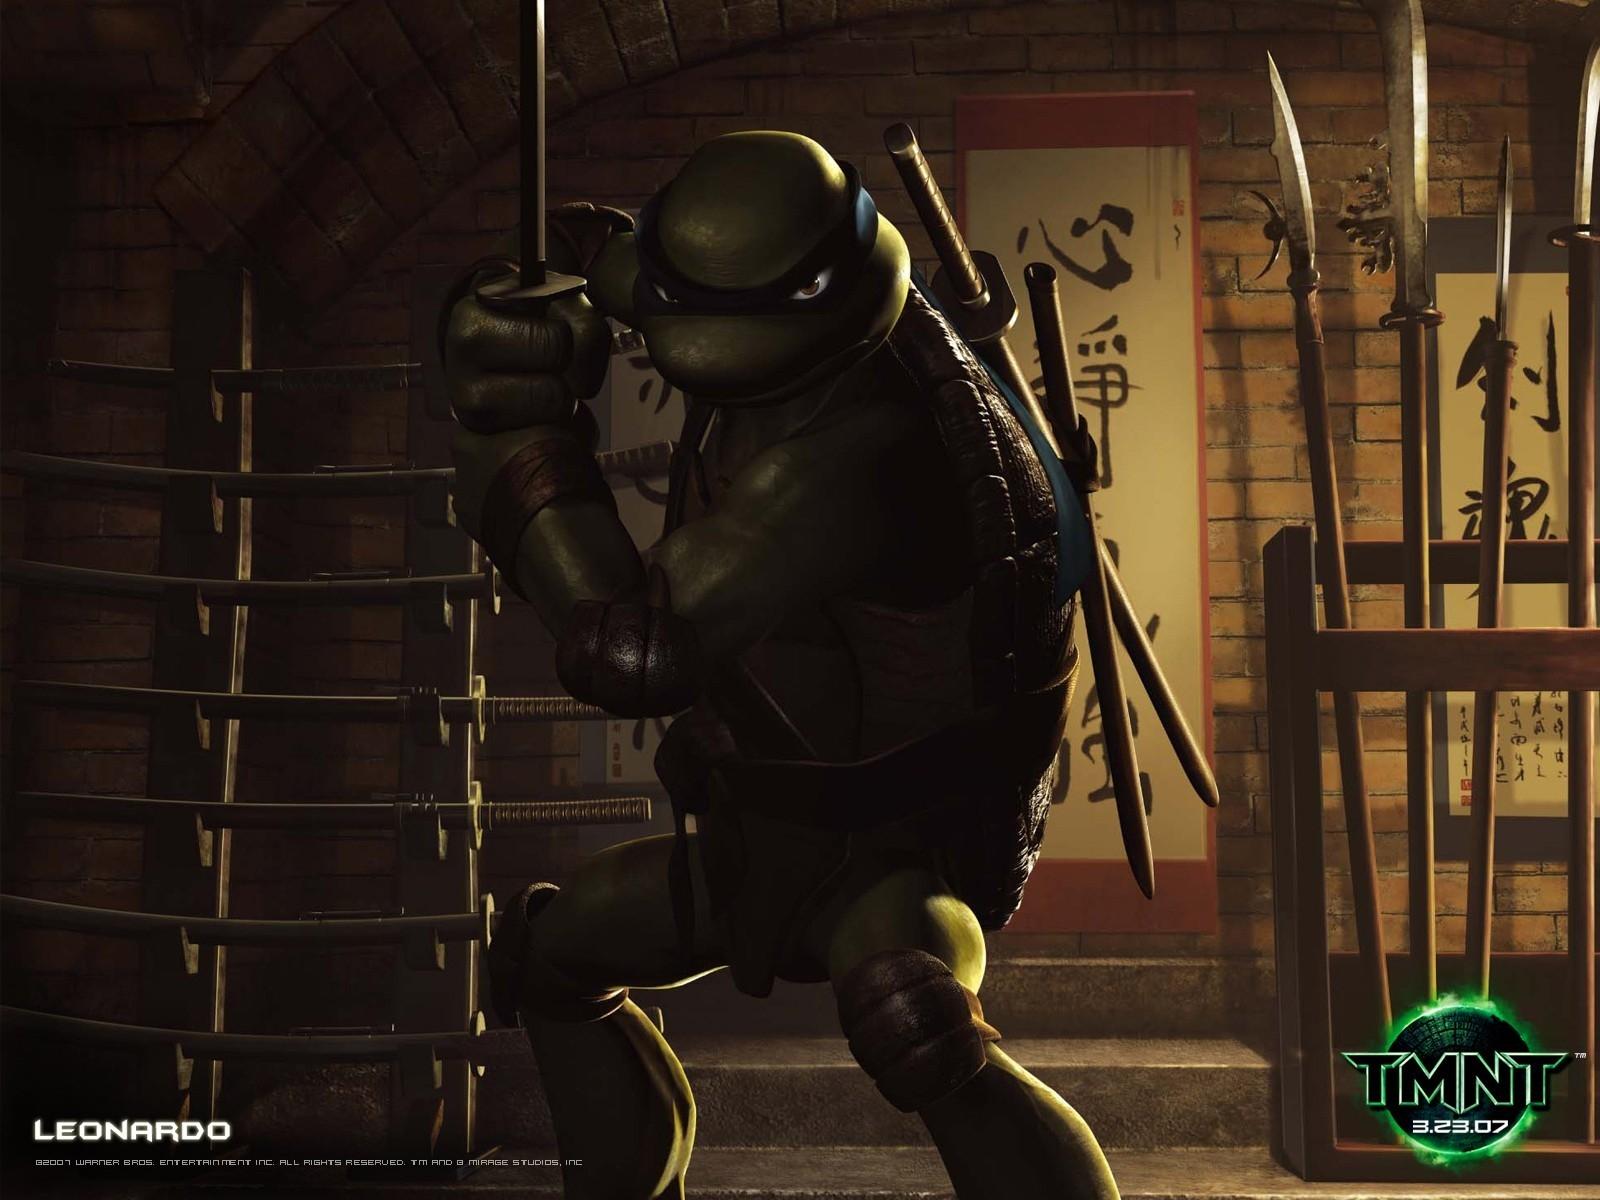 Un wallpaper di Leonardo per il film 'Teenage Mutant Ninja Turtles Photo'